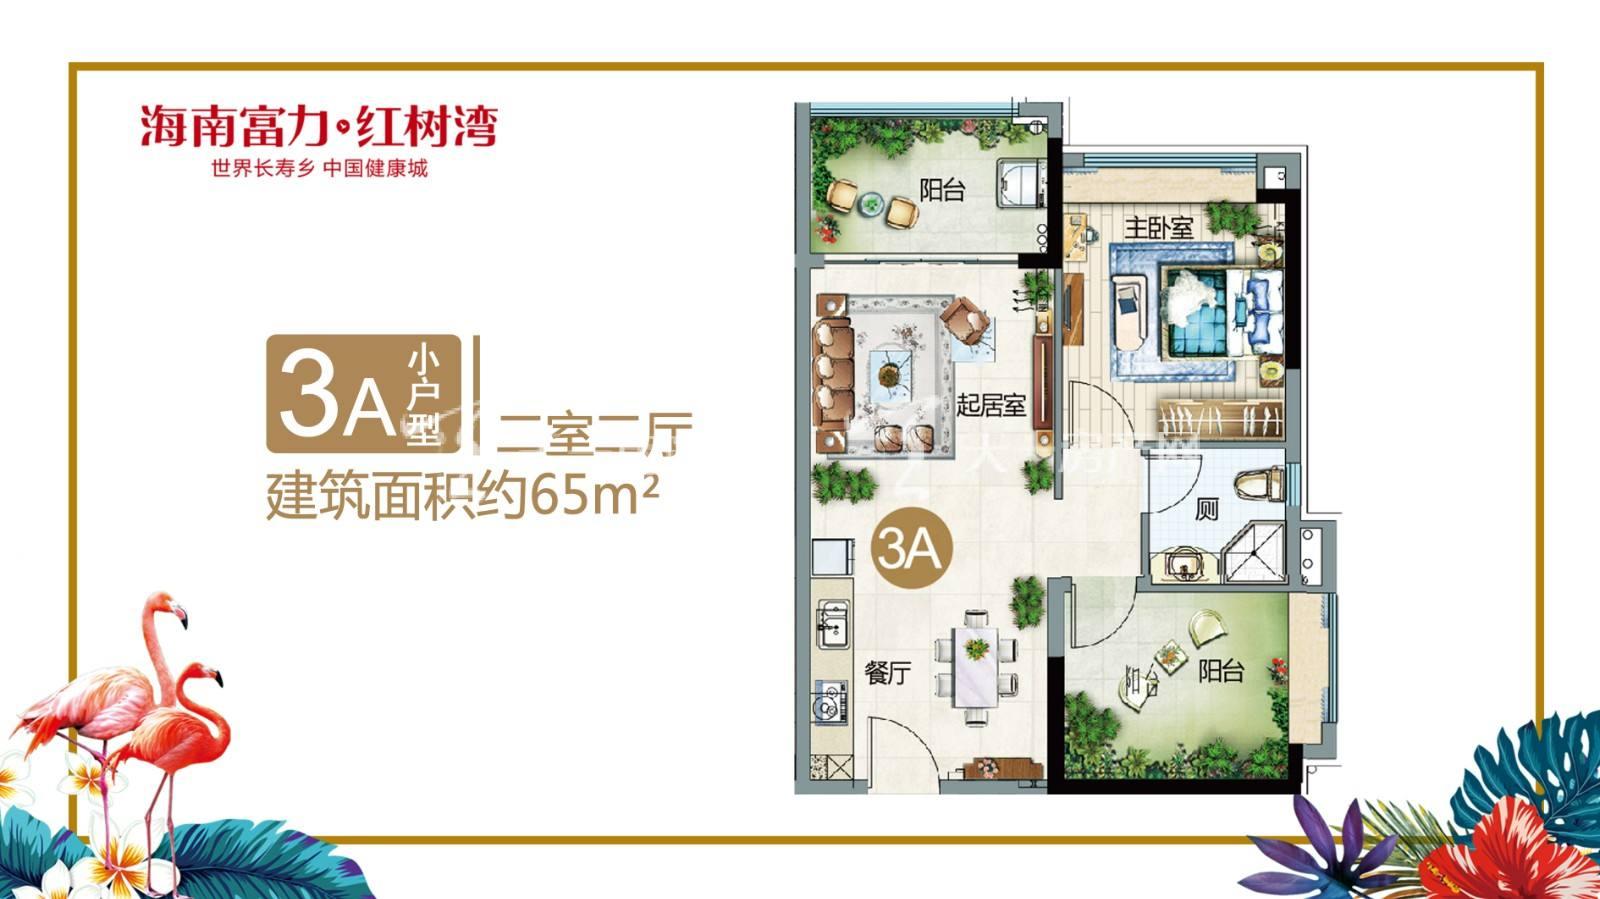 富力红树湾03A小户型两室两厅建筑面积65㎡